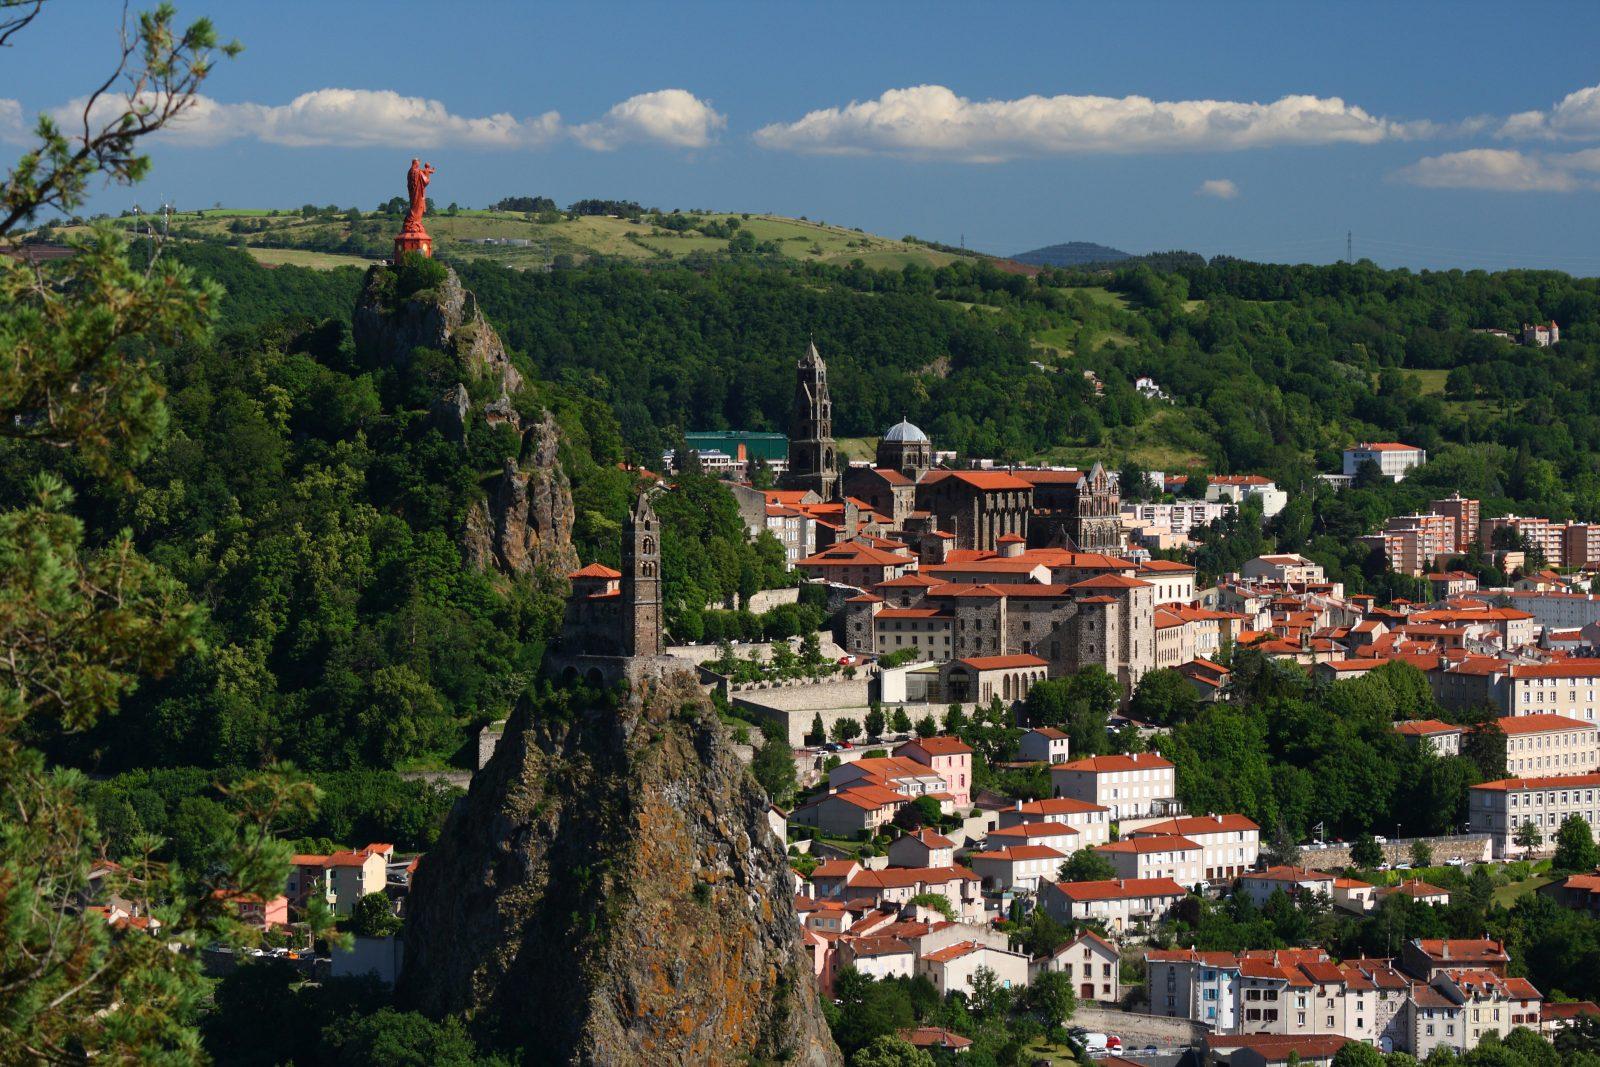 Groupe : Demi-journée découverte de la ville du Puy-en-Velay avec repas